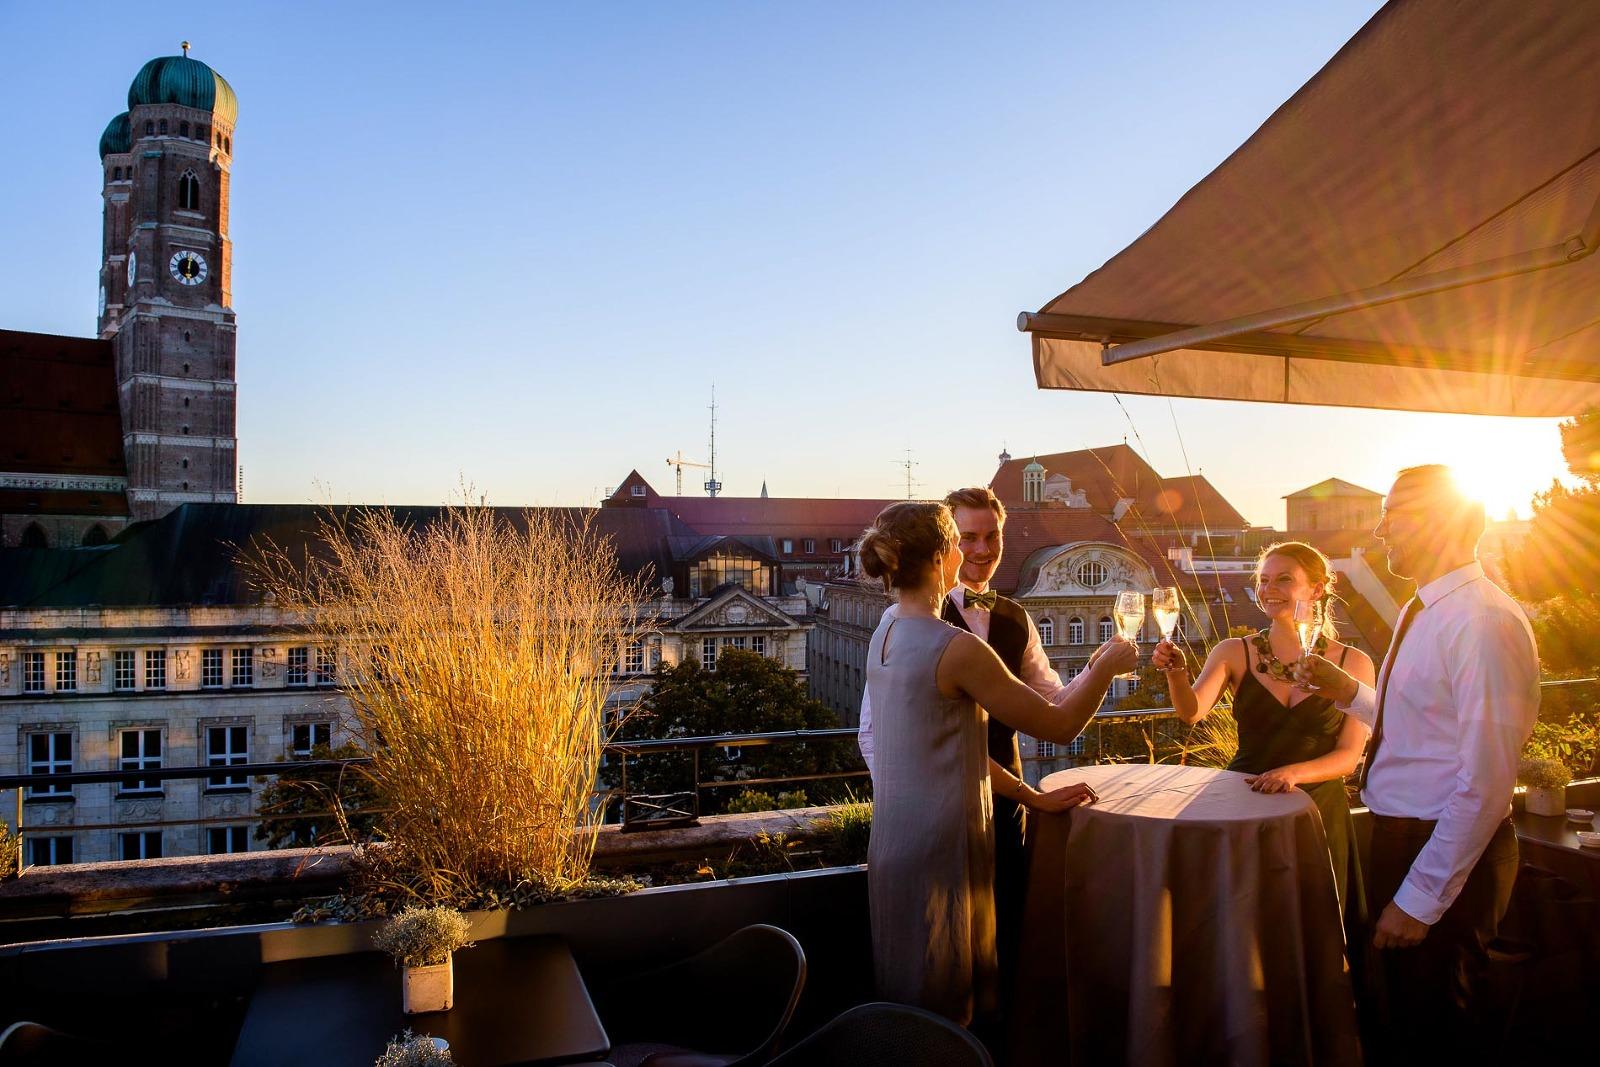 Hochzeitsfotos München, Foto-Reportage im Bayerischen Hof